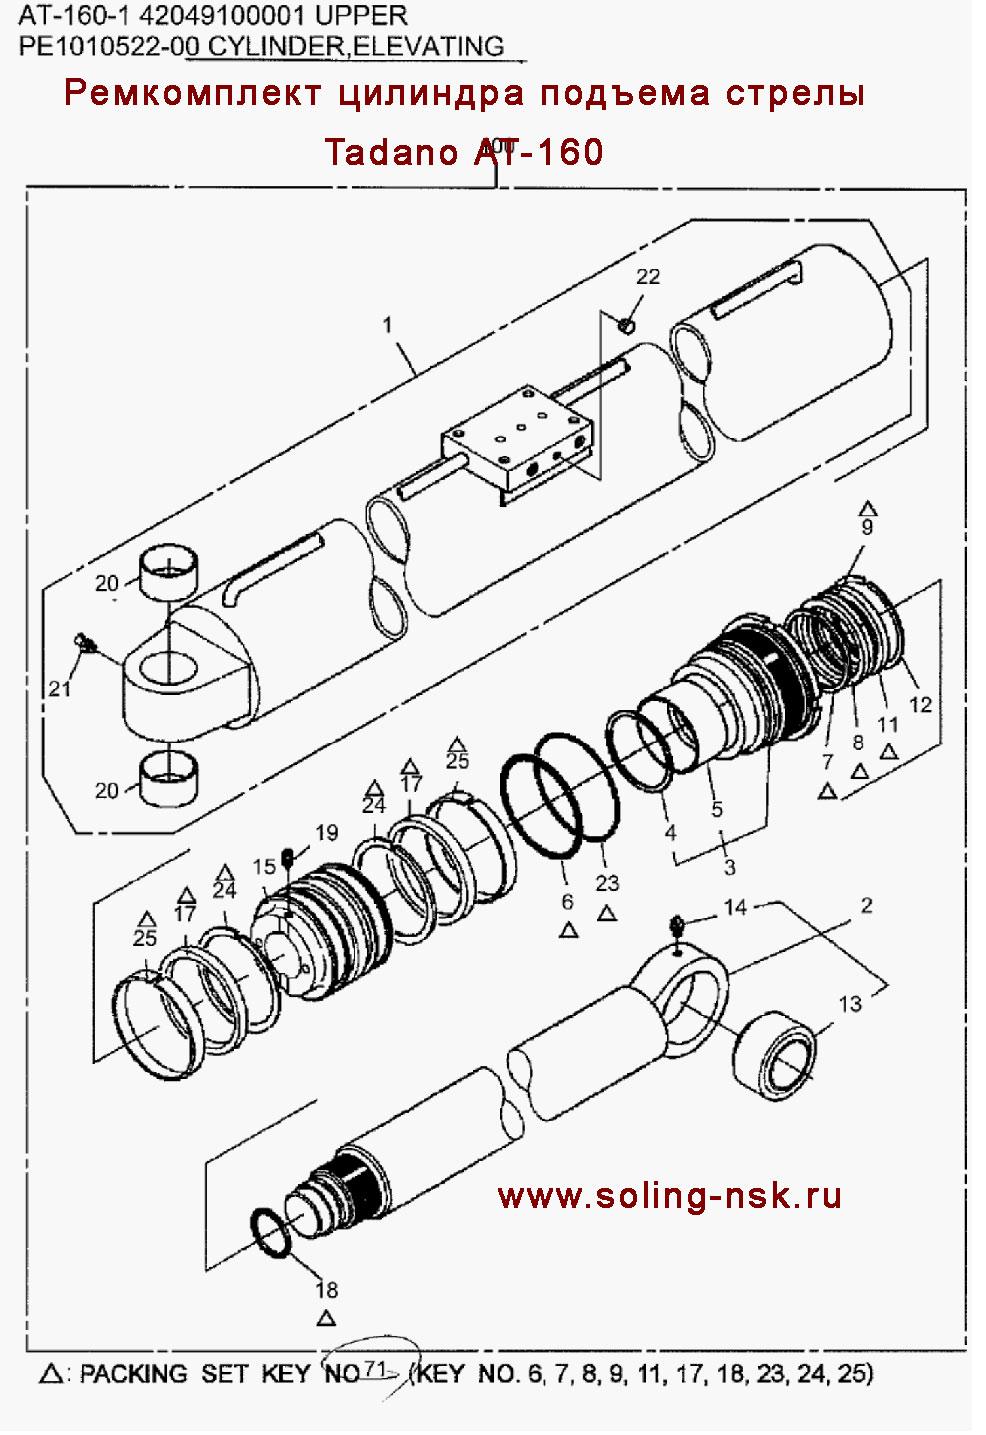 инструкция по эксплуатации крановой установки тадано